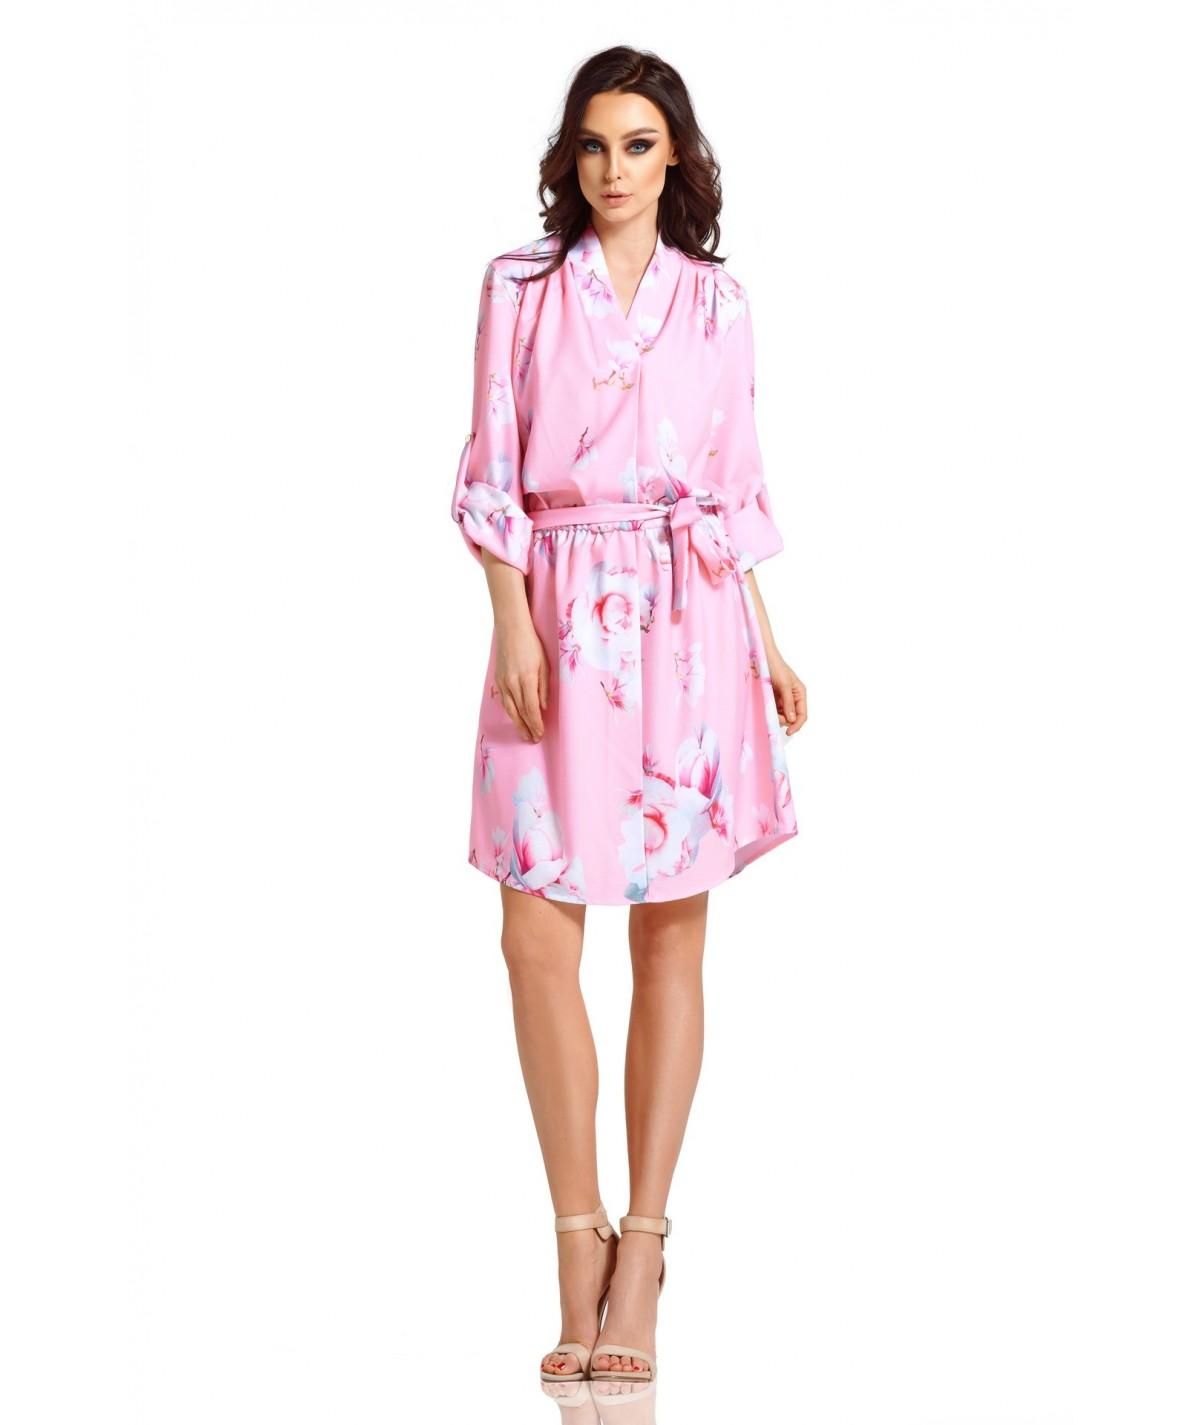 Rózowa sukienka w kwiaty - Lemoniade L301